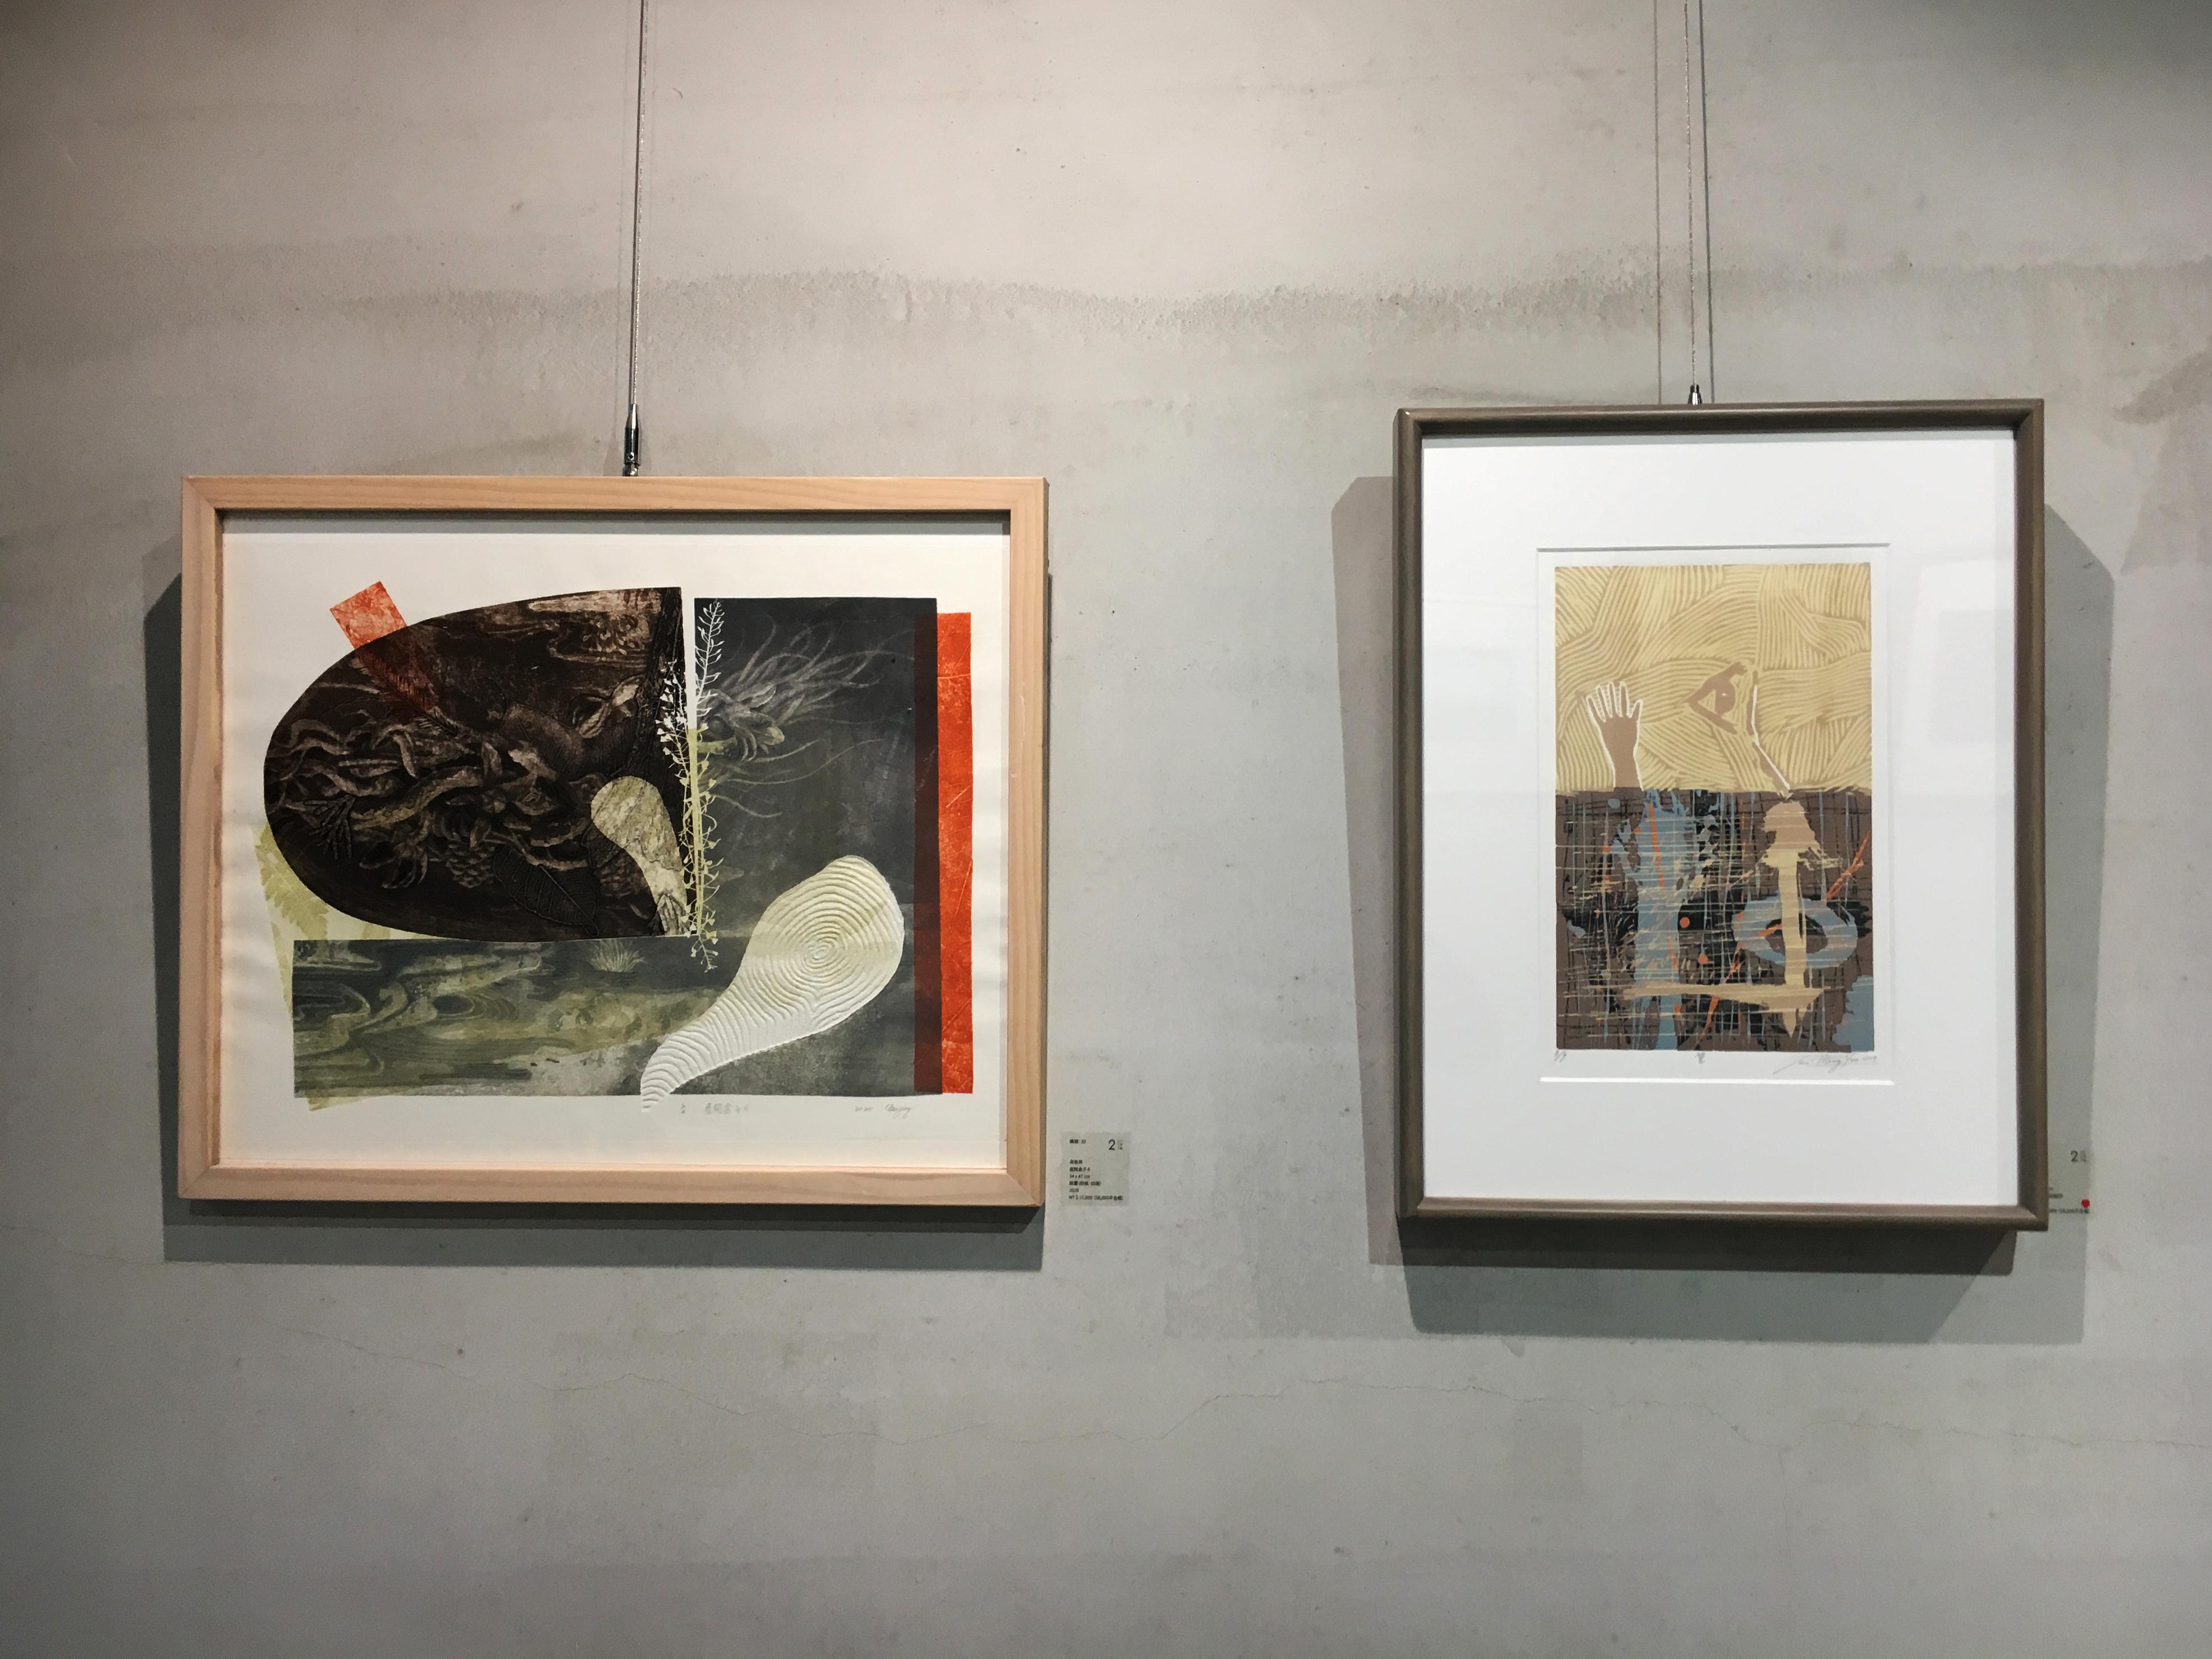 二空間展出台灣藝術家高春英(左)以及臺灣藝術家潘孟堯(右)版畫作品。